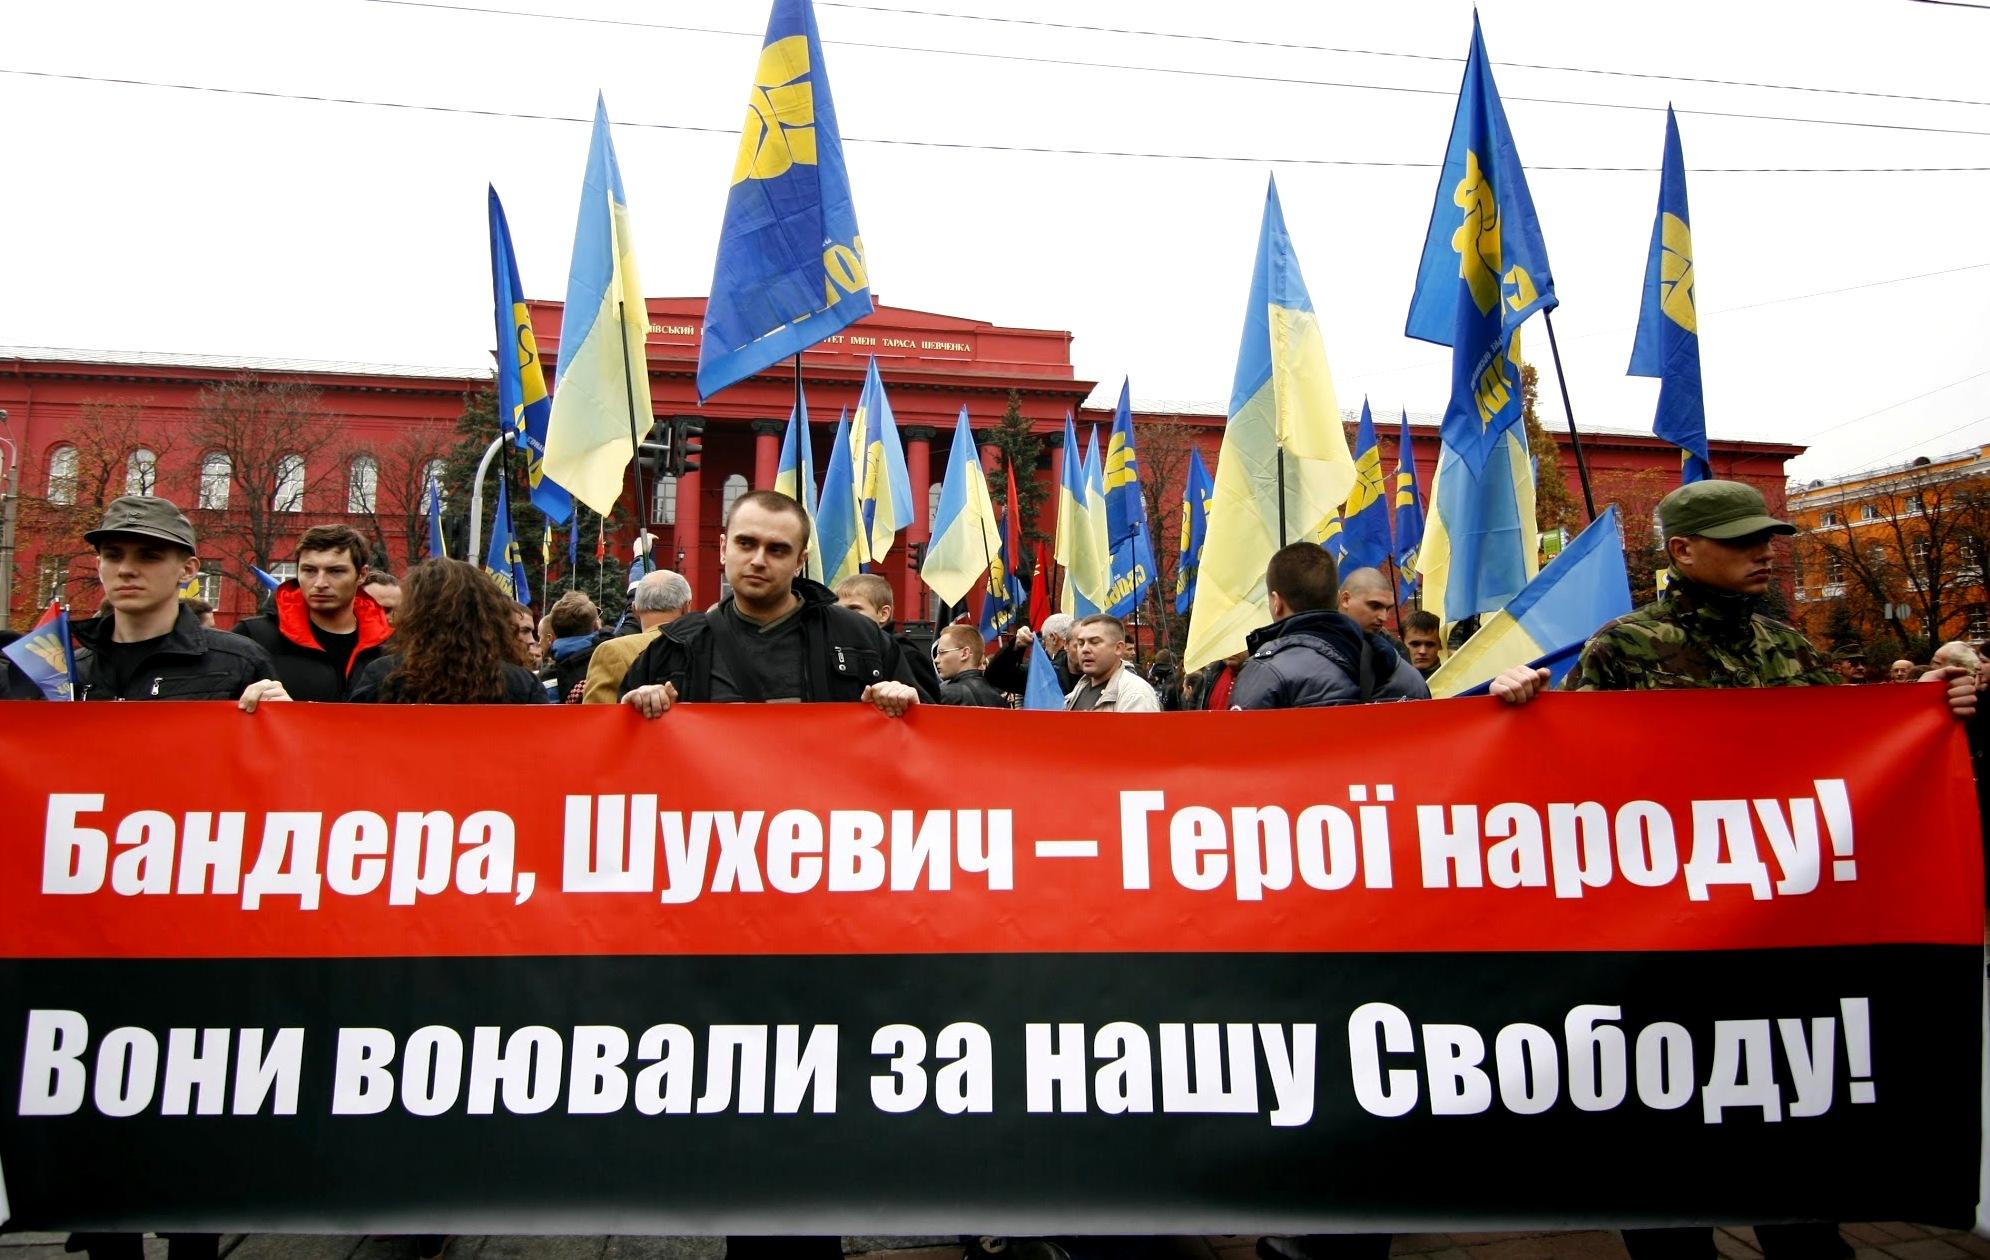 Свободу украини фото 22 фотография